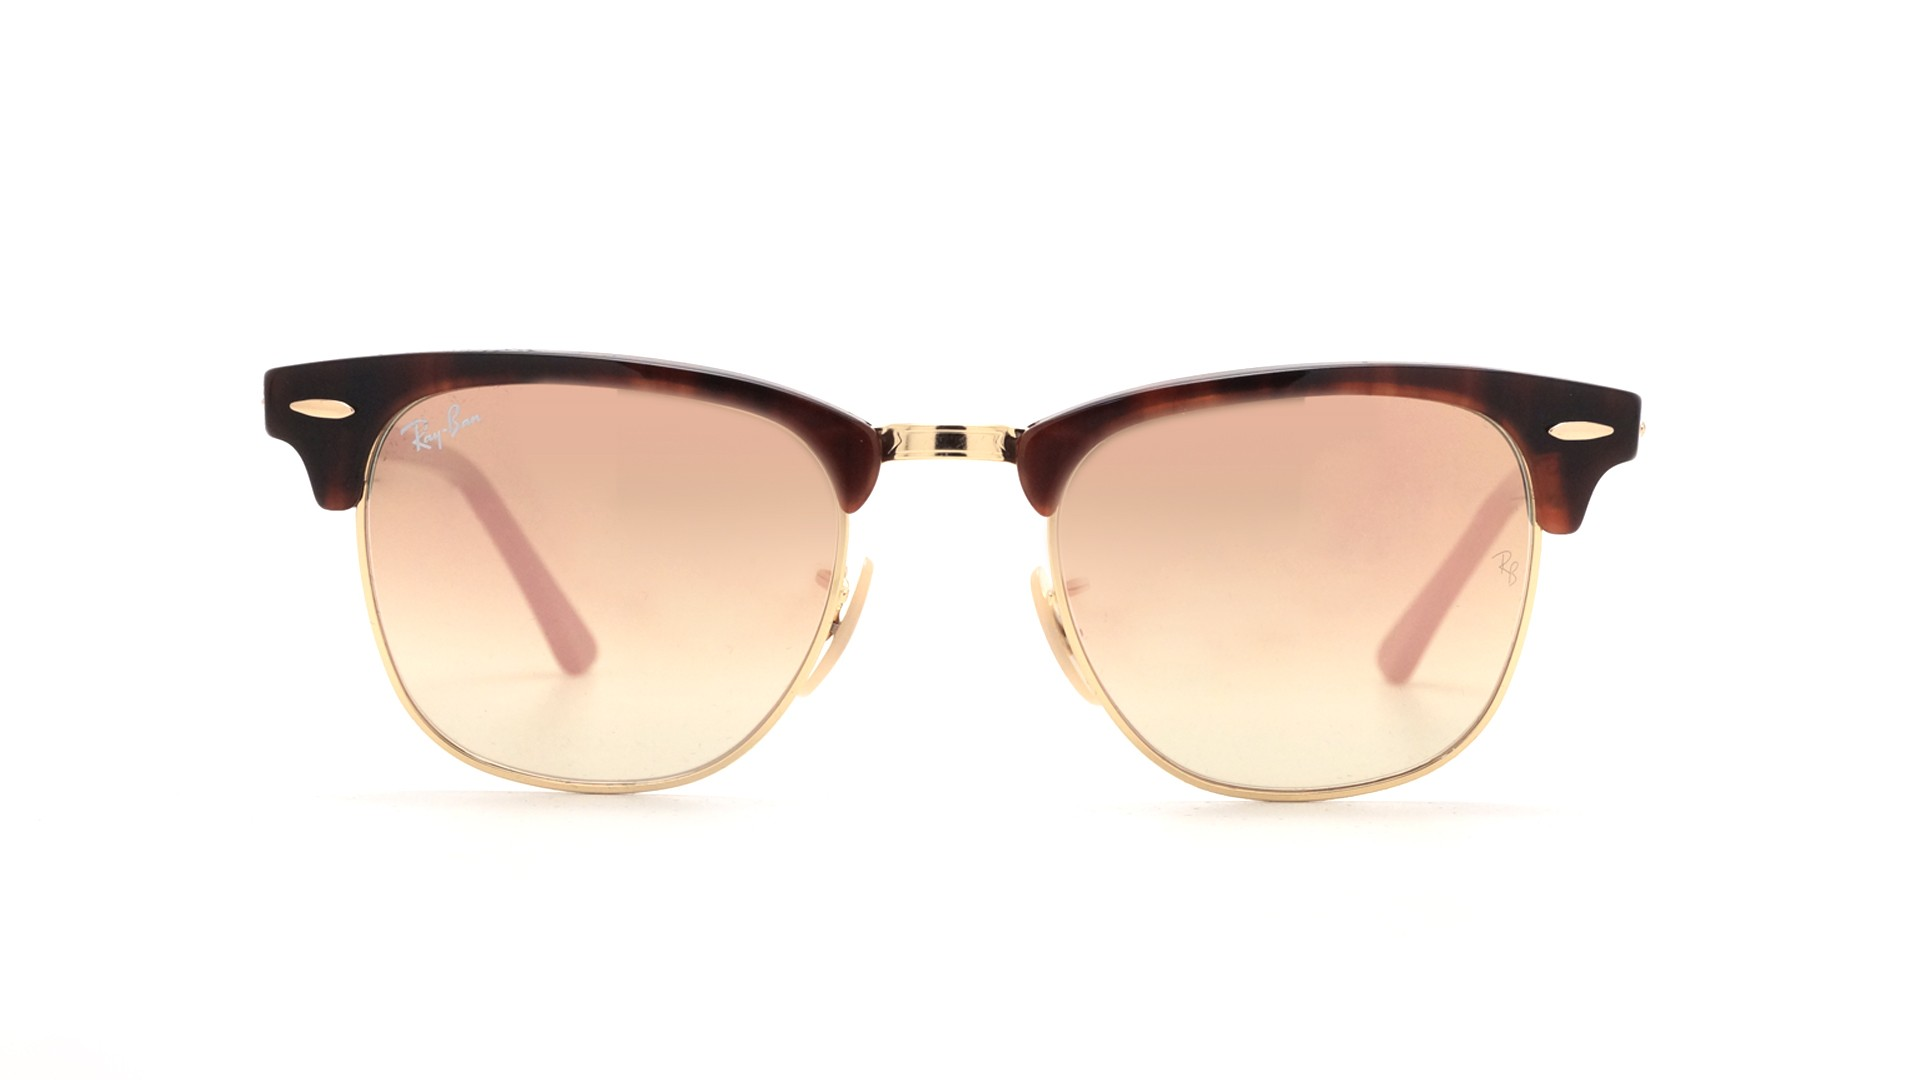 ad7c2d933eef4e Lunettes de soleil Ray-Ban Clubmaster Havana gold Écaille Flash lenses  RB3016 990 7O 49-21 Small Dégradés Miroirs